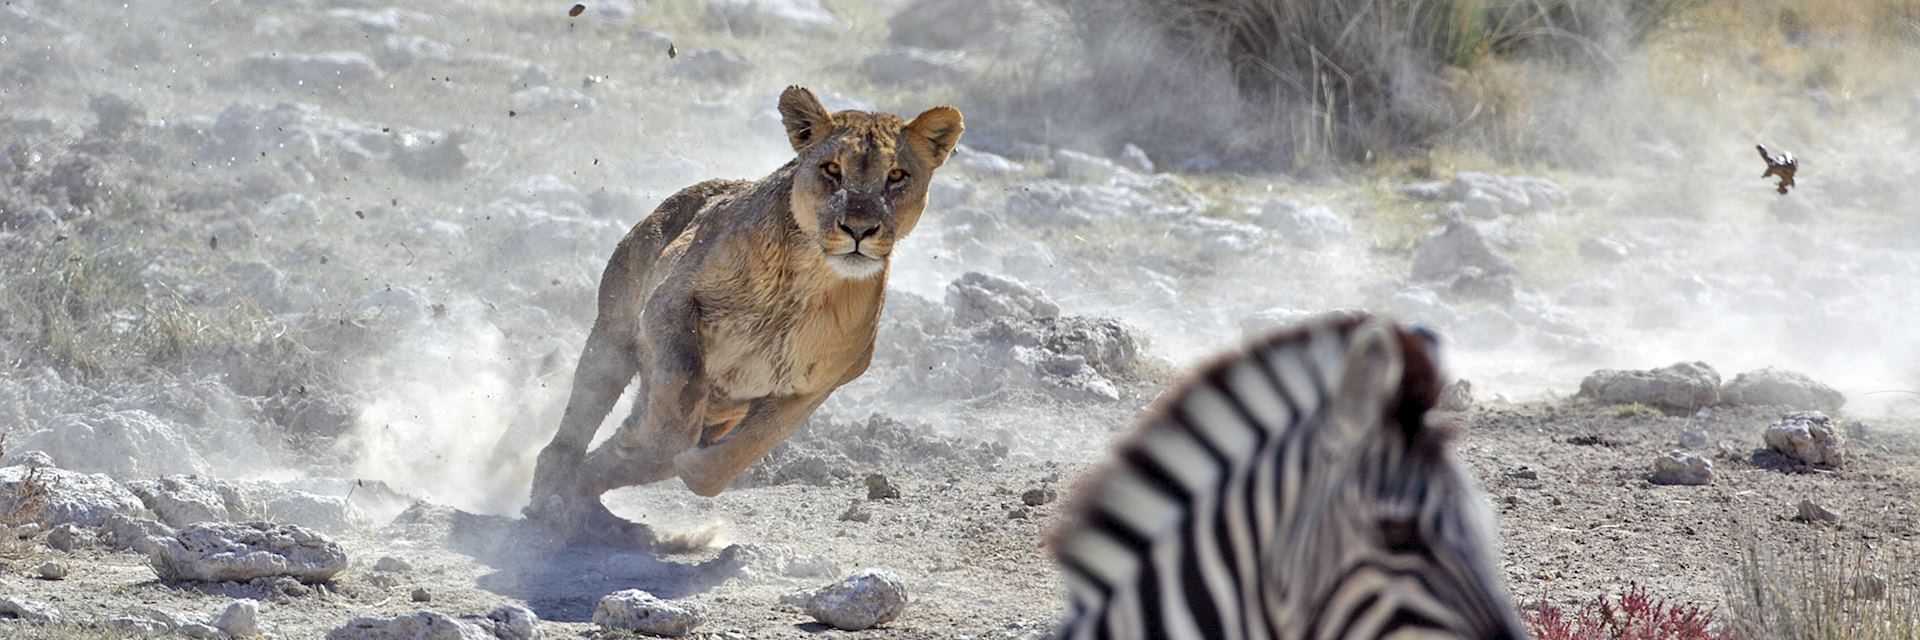 Lion in Etosha National Park